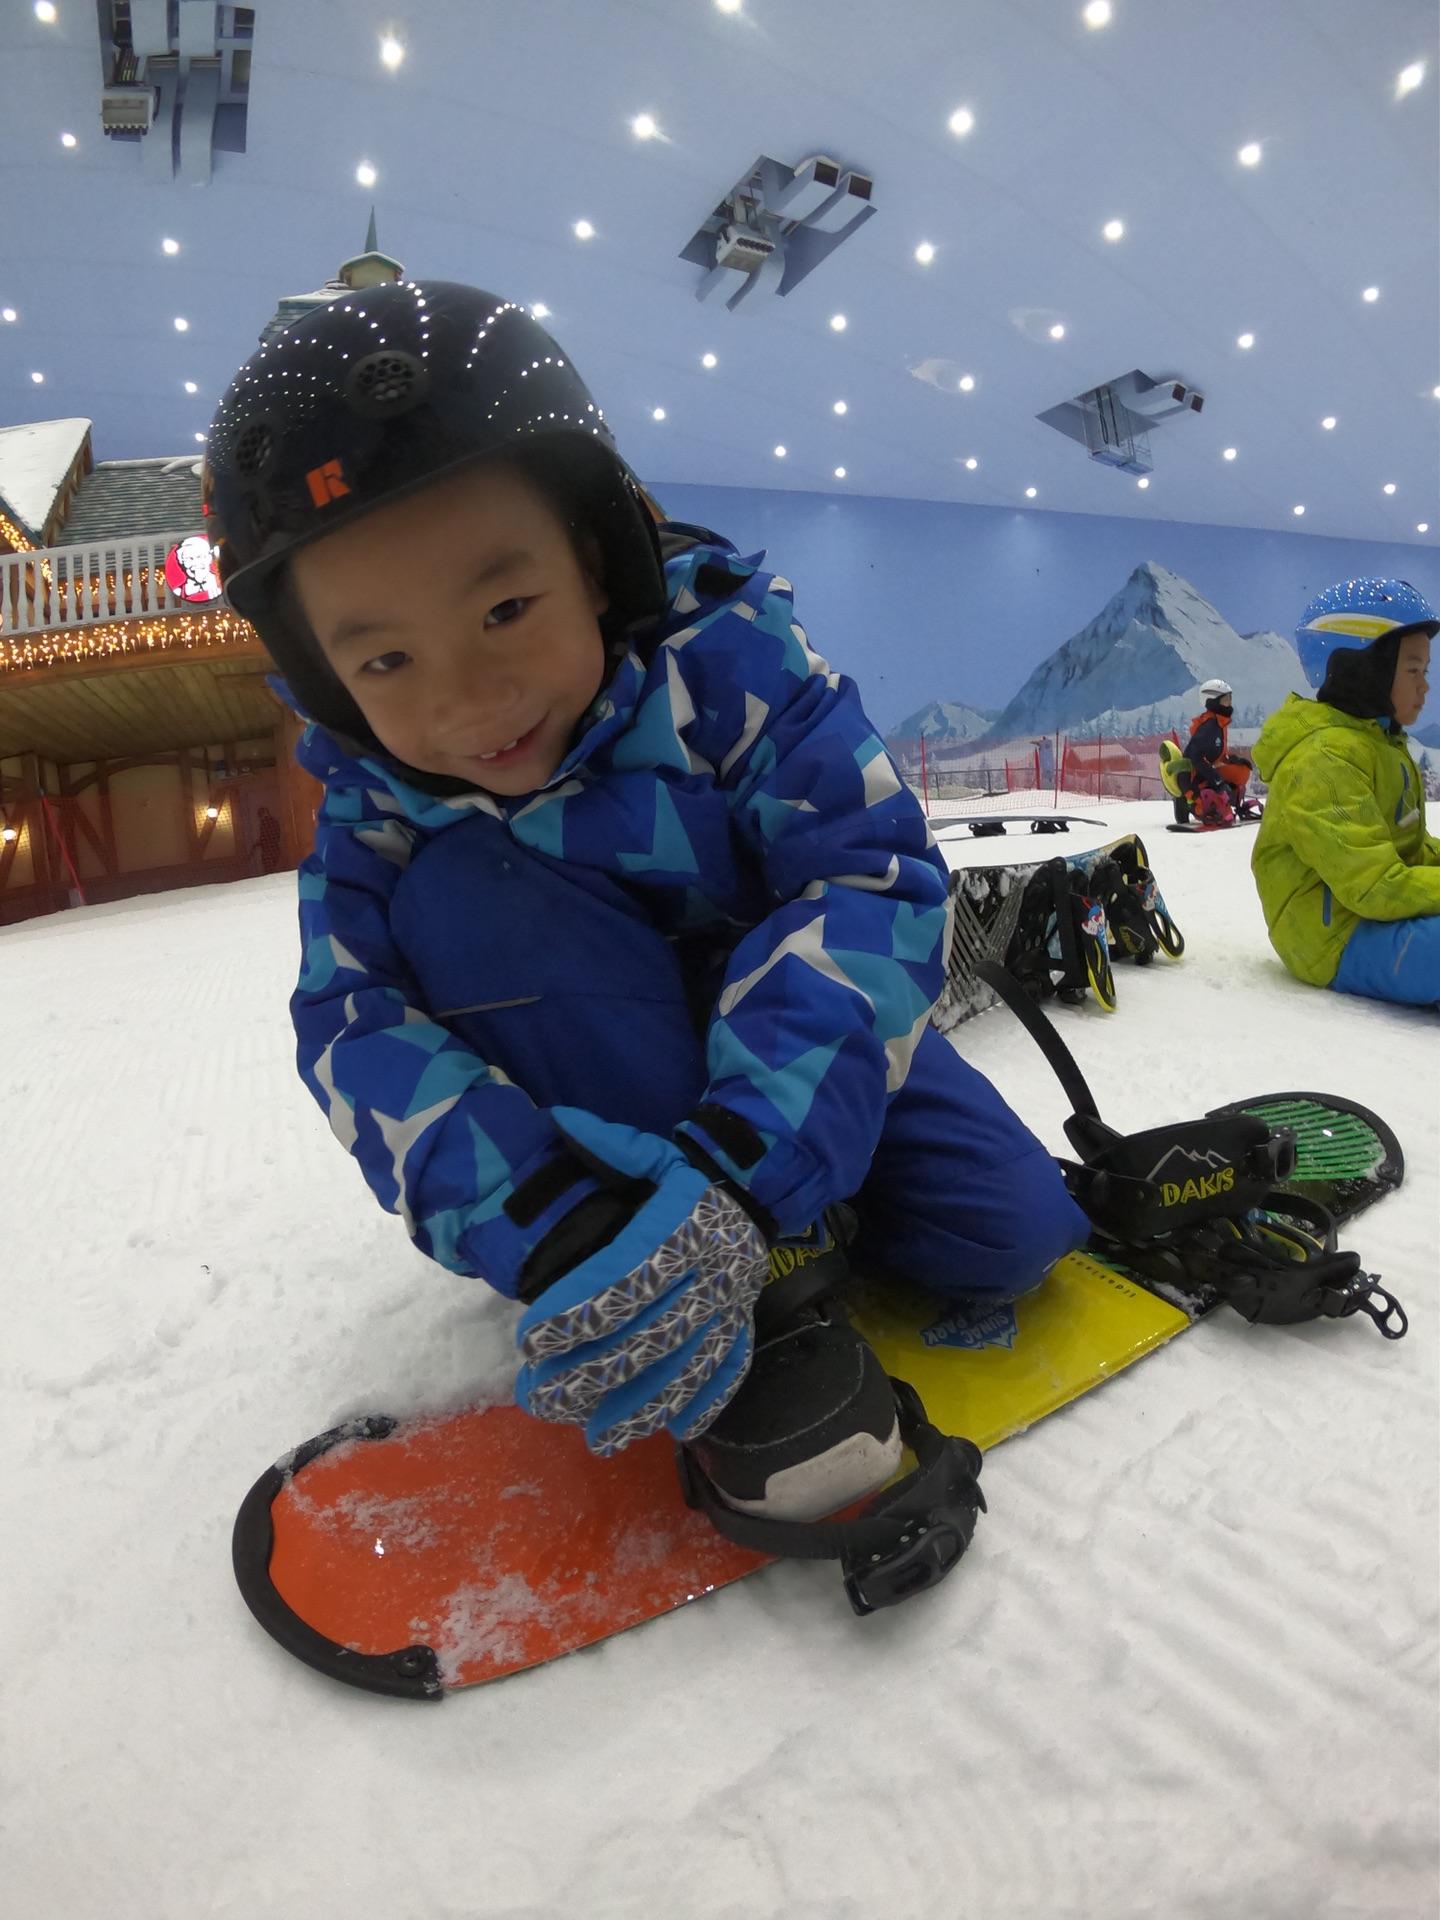 广州融创雪世界 单板学习3天